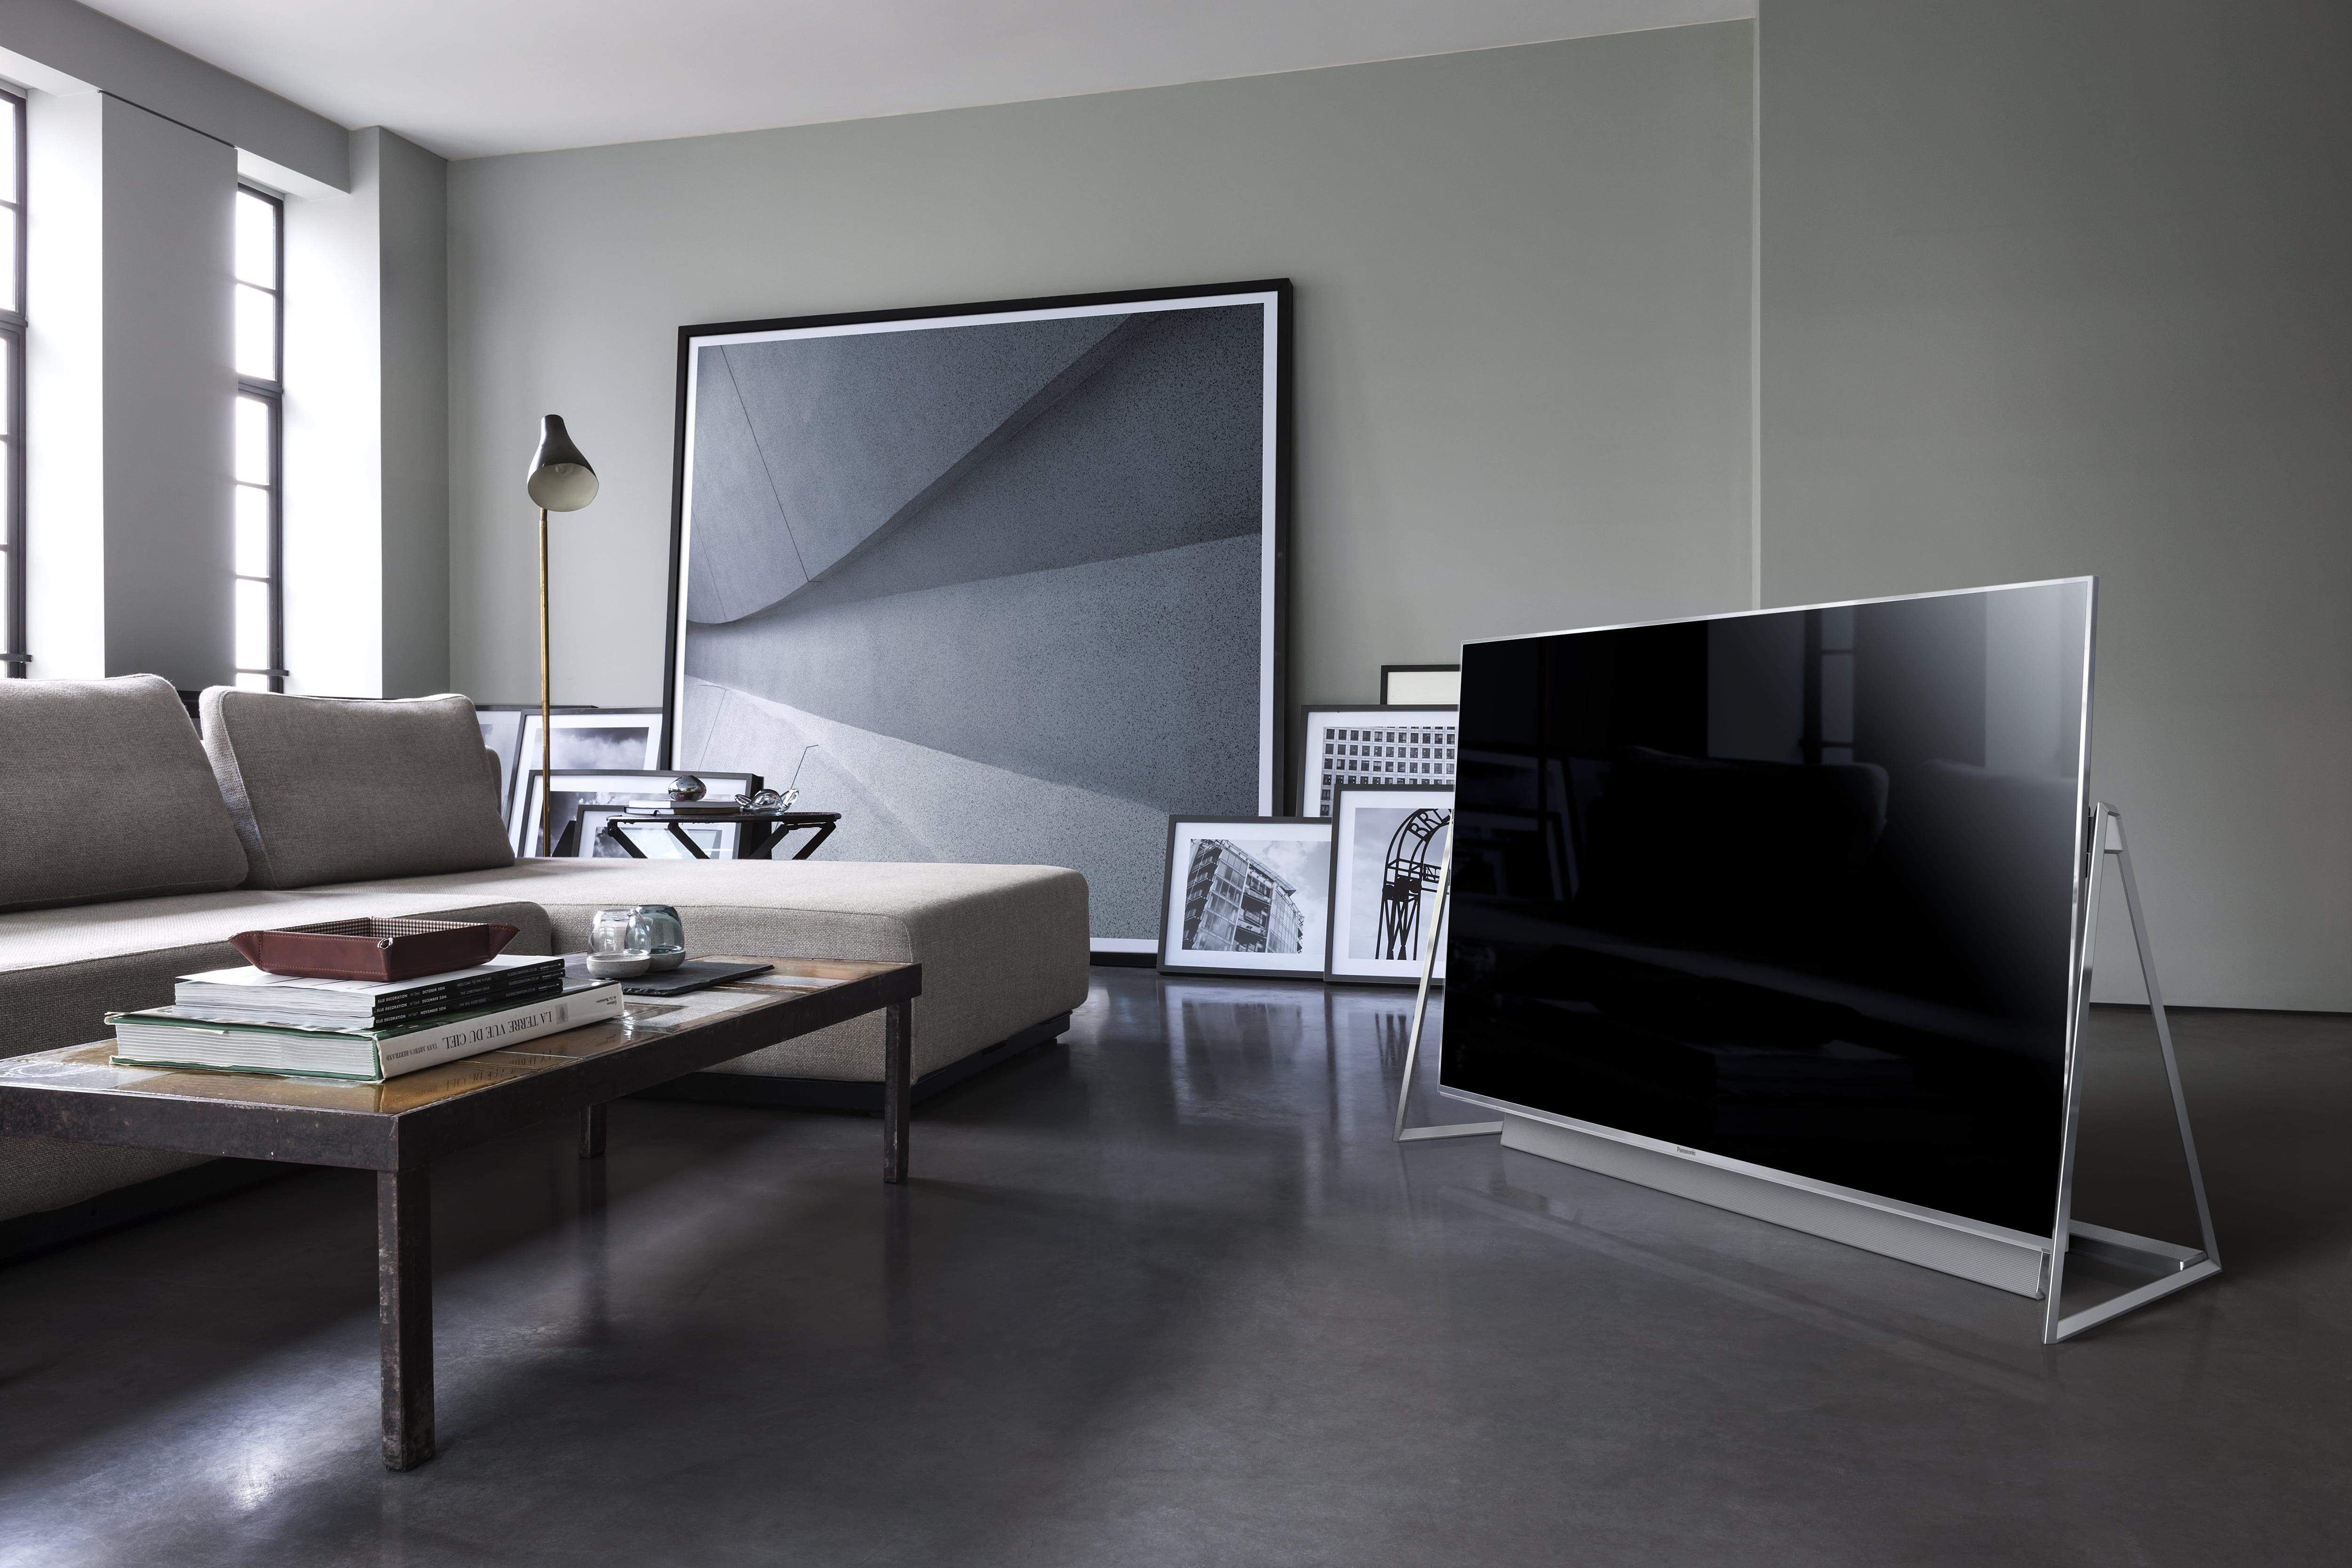 TV Panasonic 2016 – Art & Interior